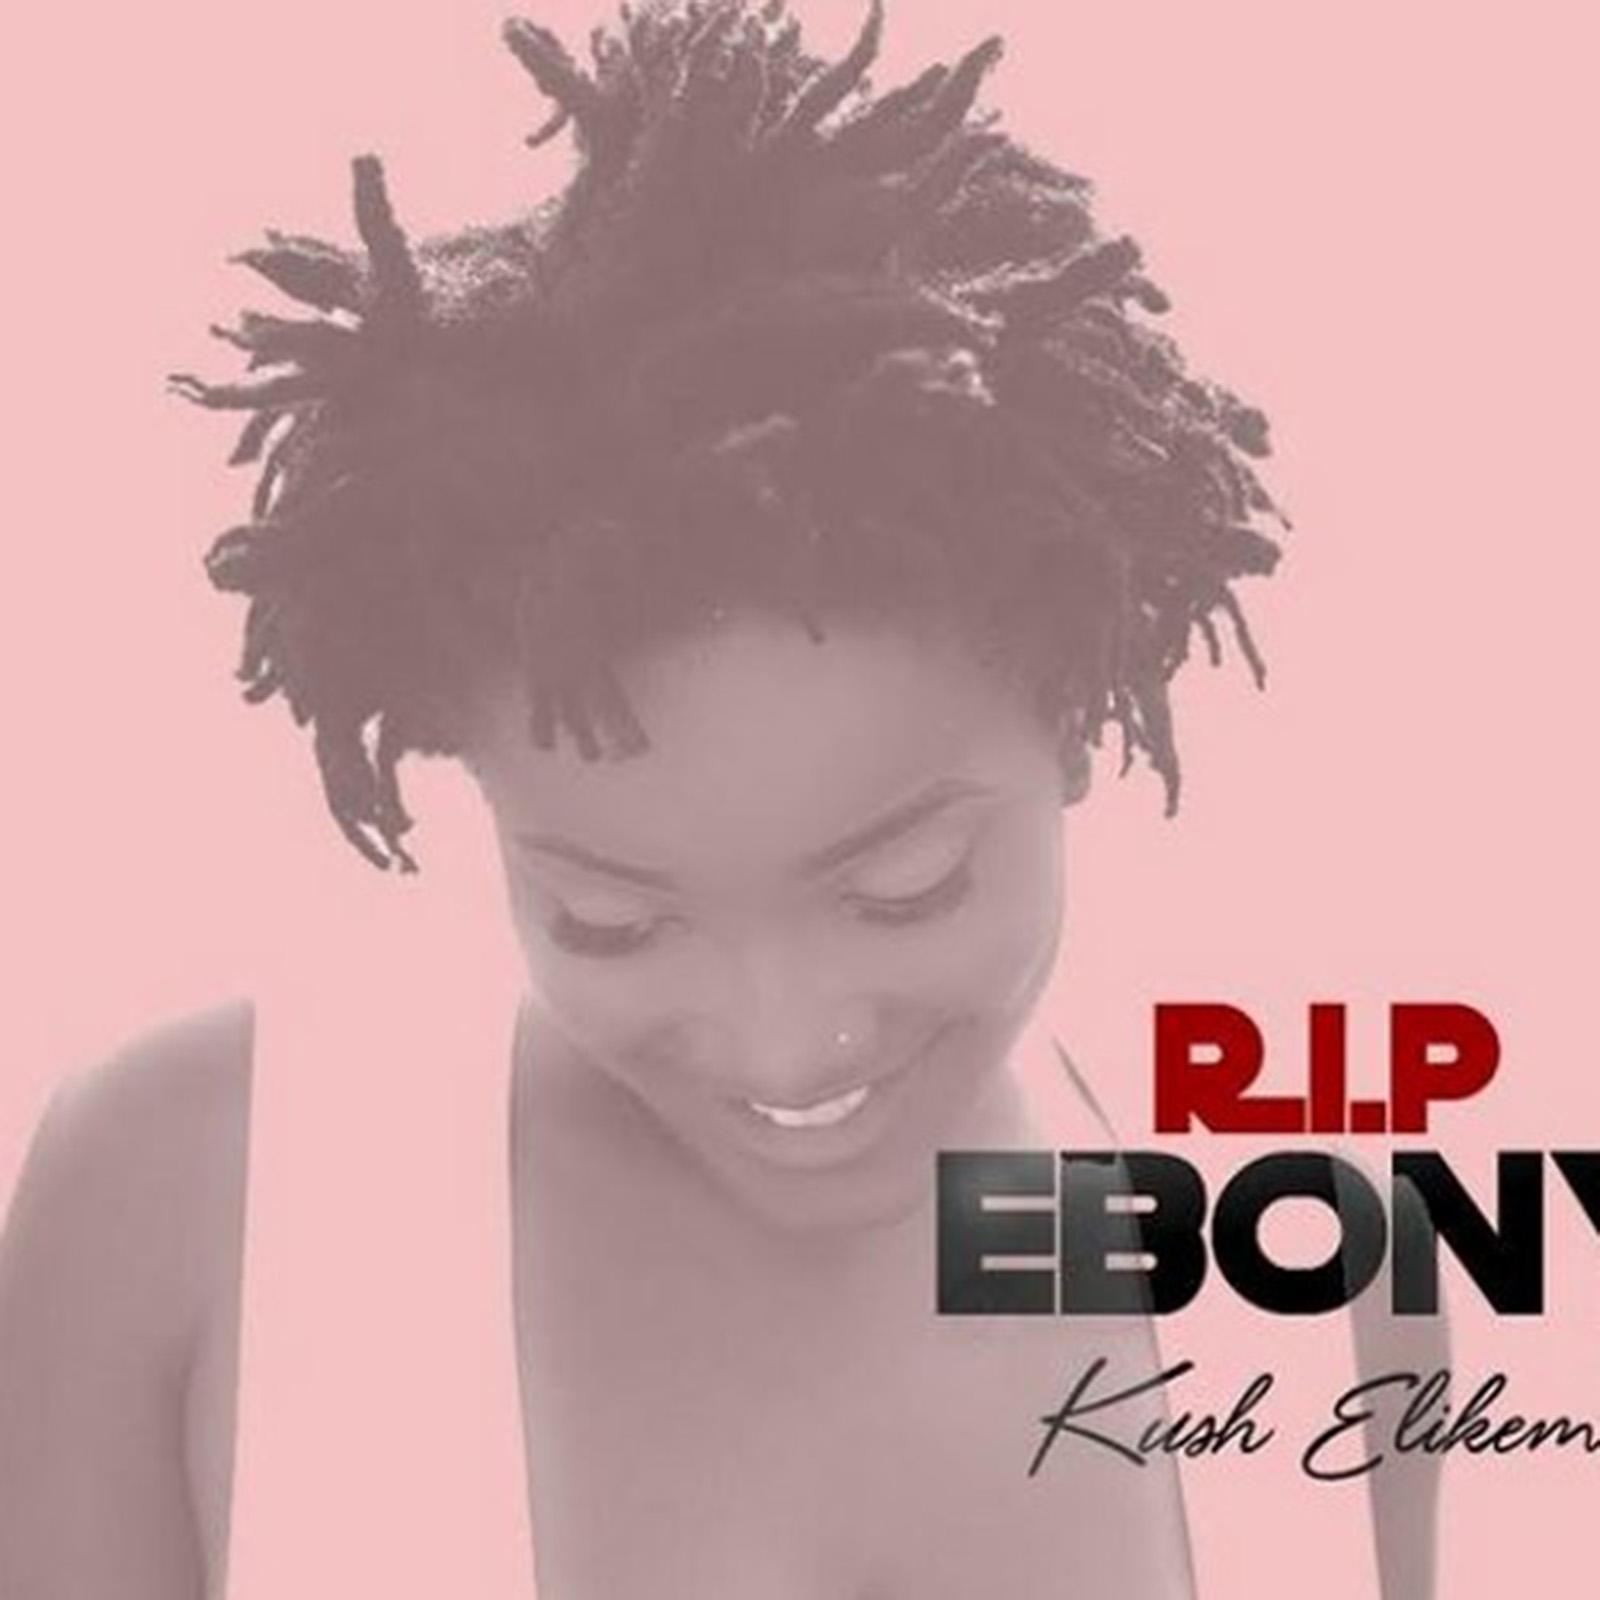 R. I. P Ebony (Tribute To Ebony) by Kush Elikem